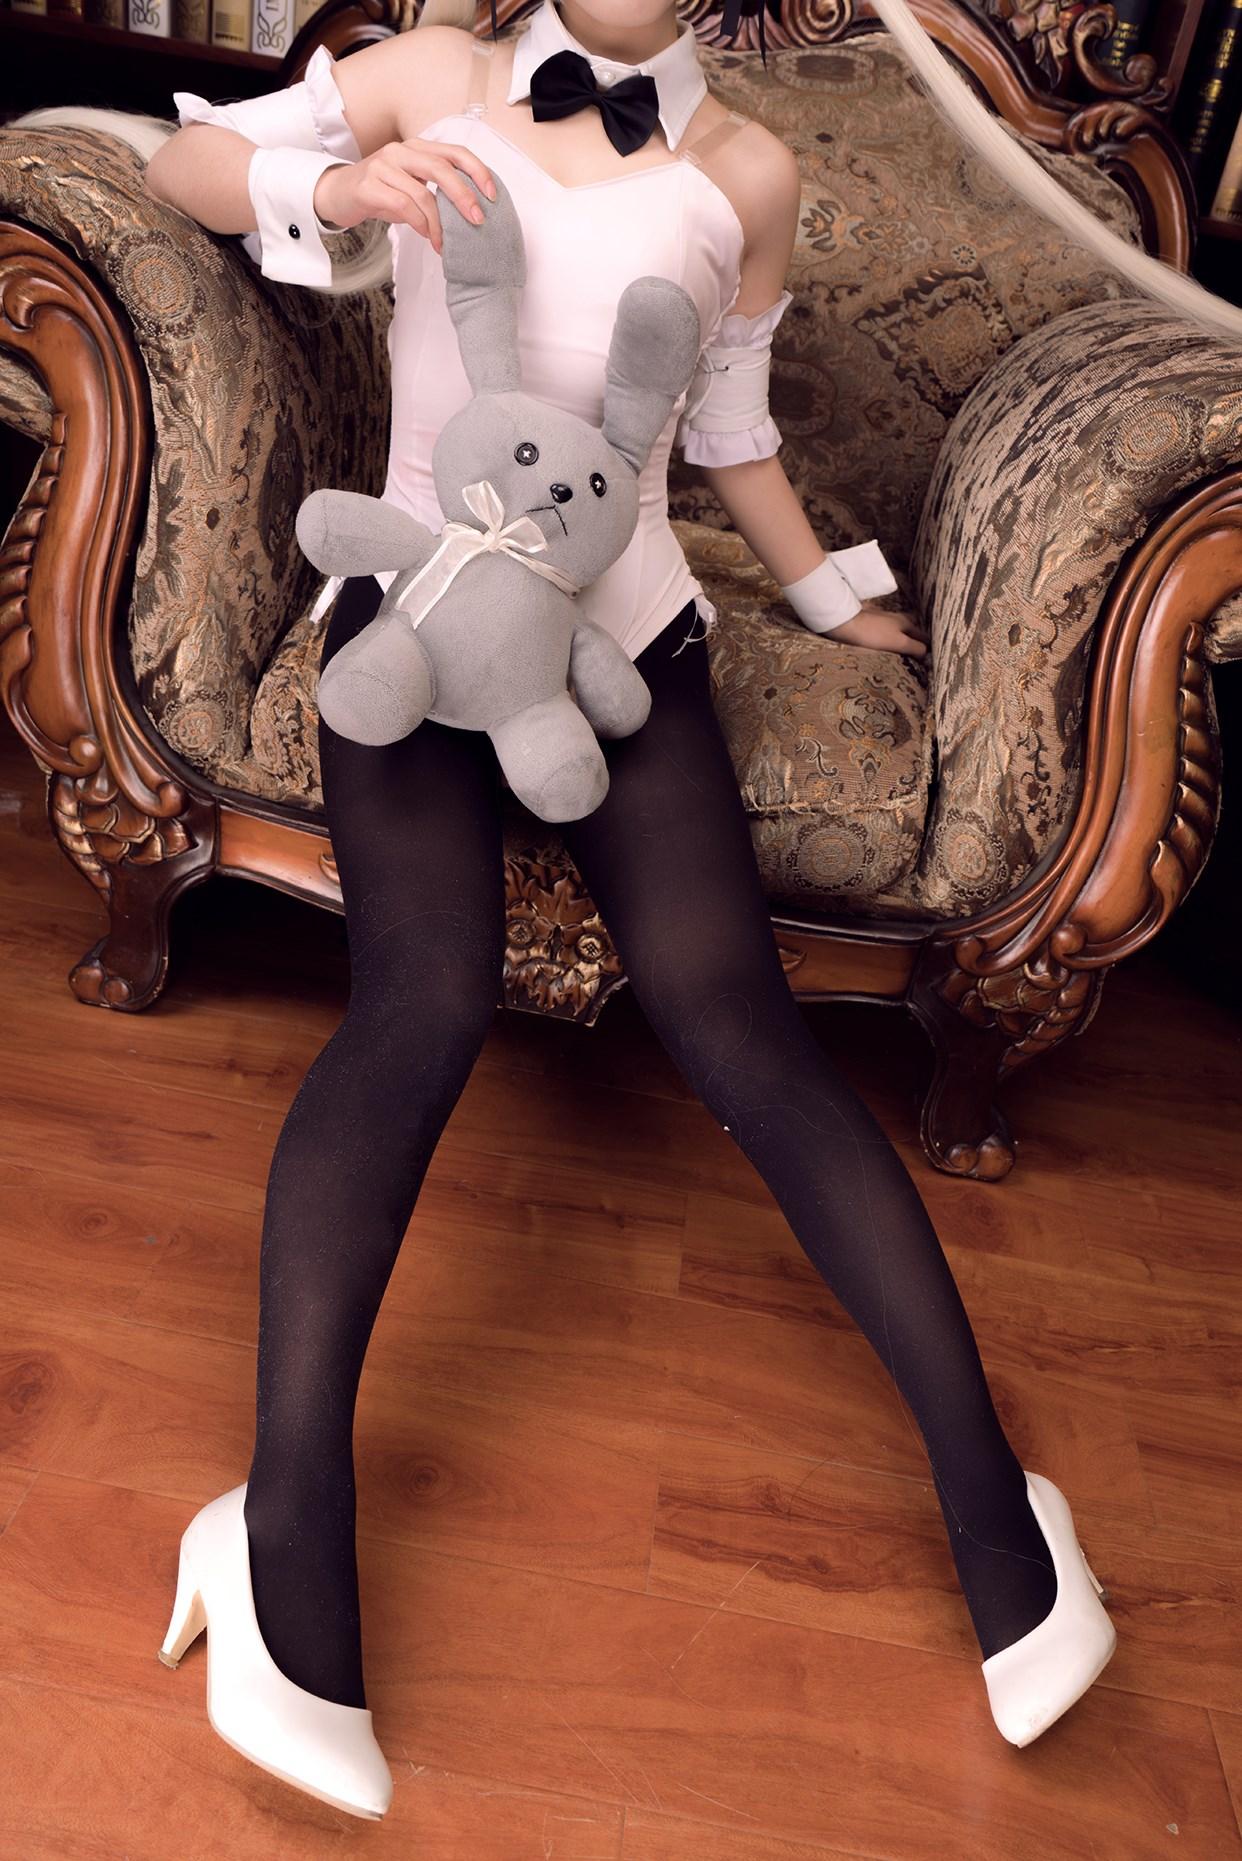 【兔玩映画】兔女郎vol.15-穹妹 兔玩映画 第36张